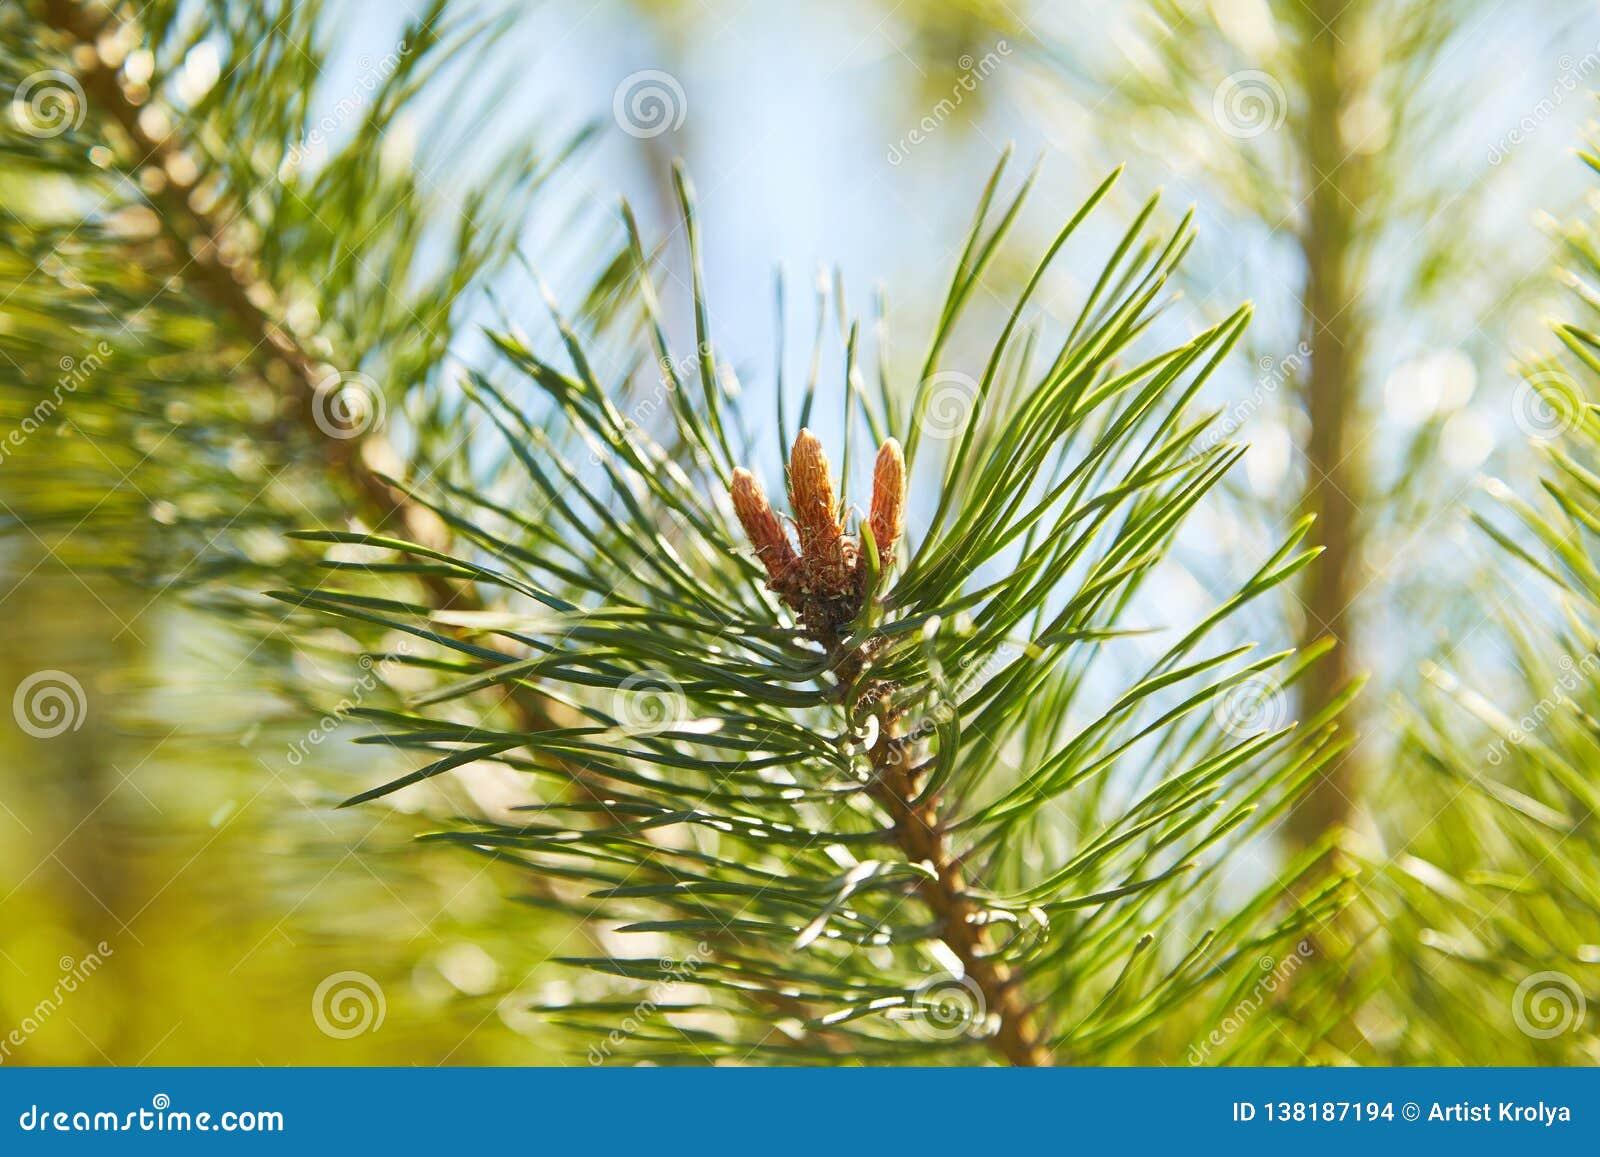 Ramo verde do pinho com agulhas e os cones novos